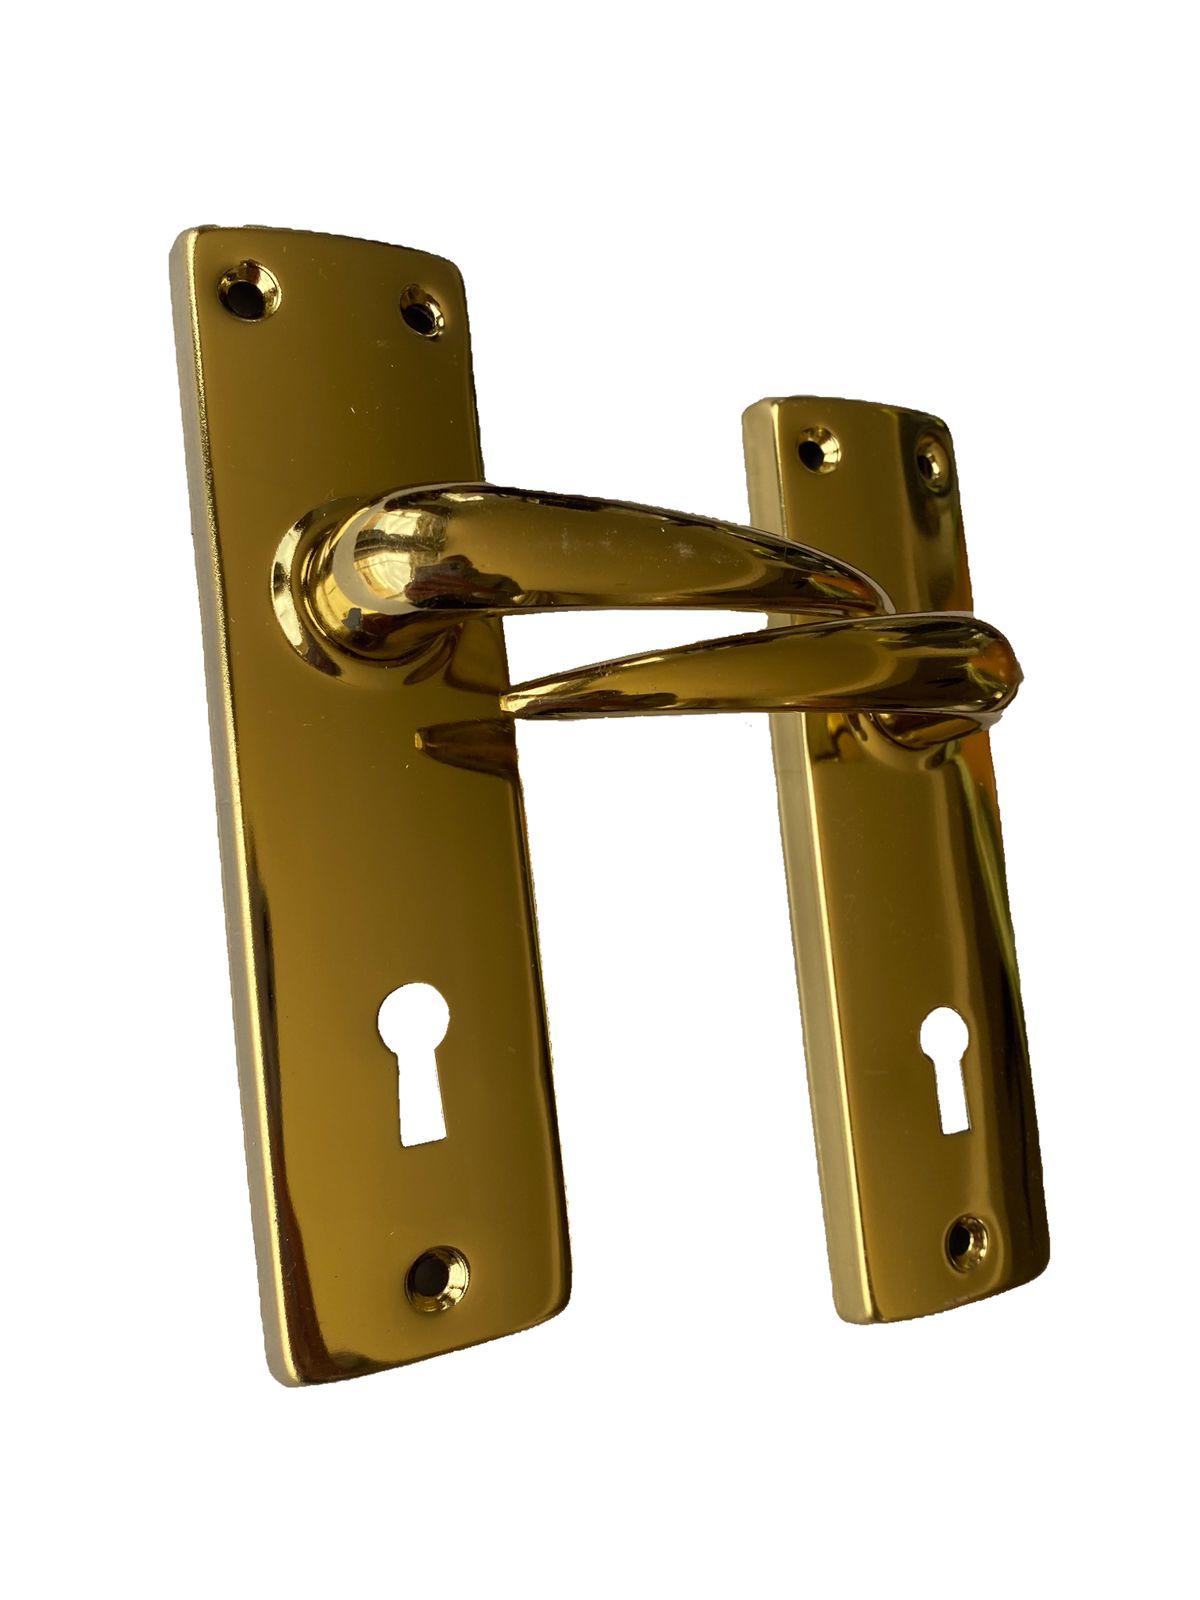 BRASS PLATED DOOR HANDLE SET WITH LOCK & KEYS